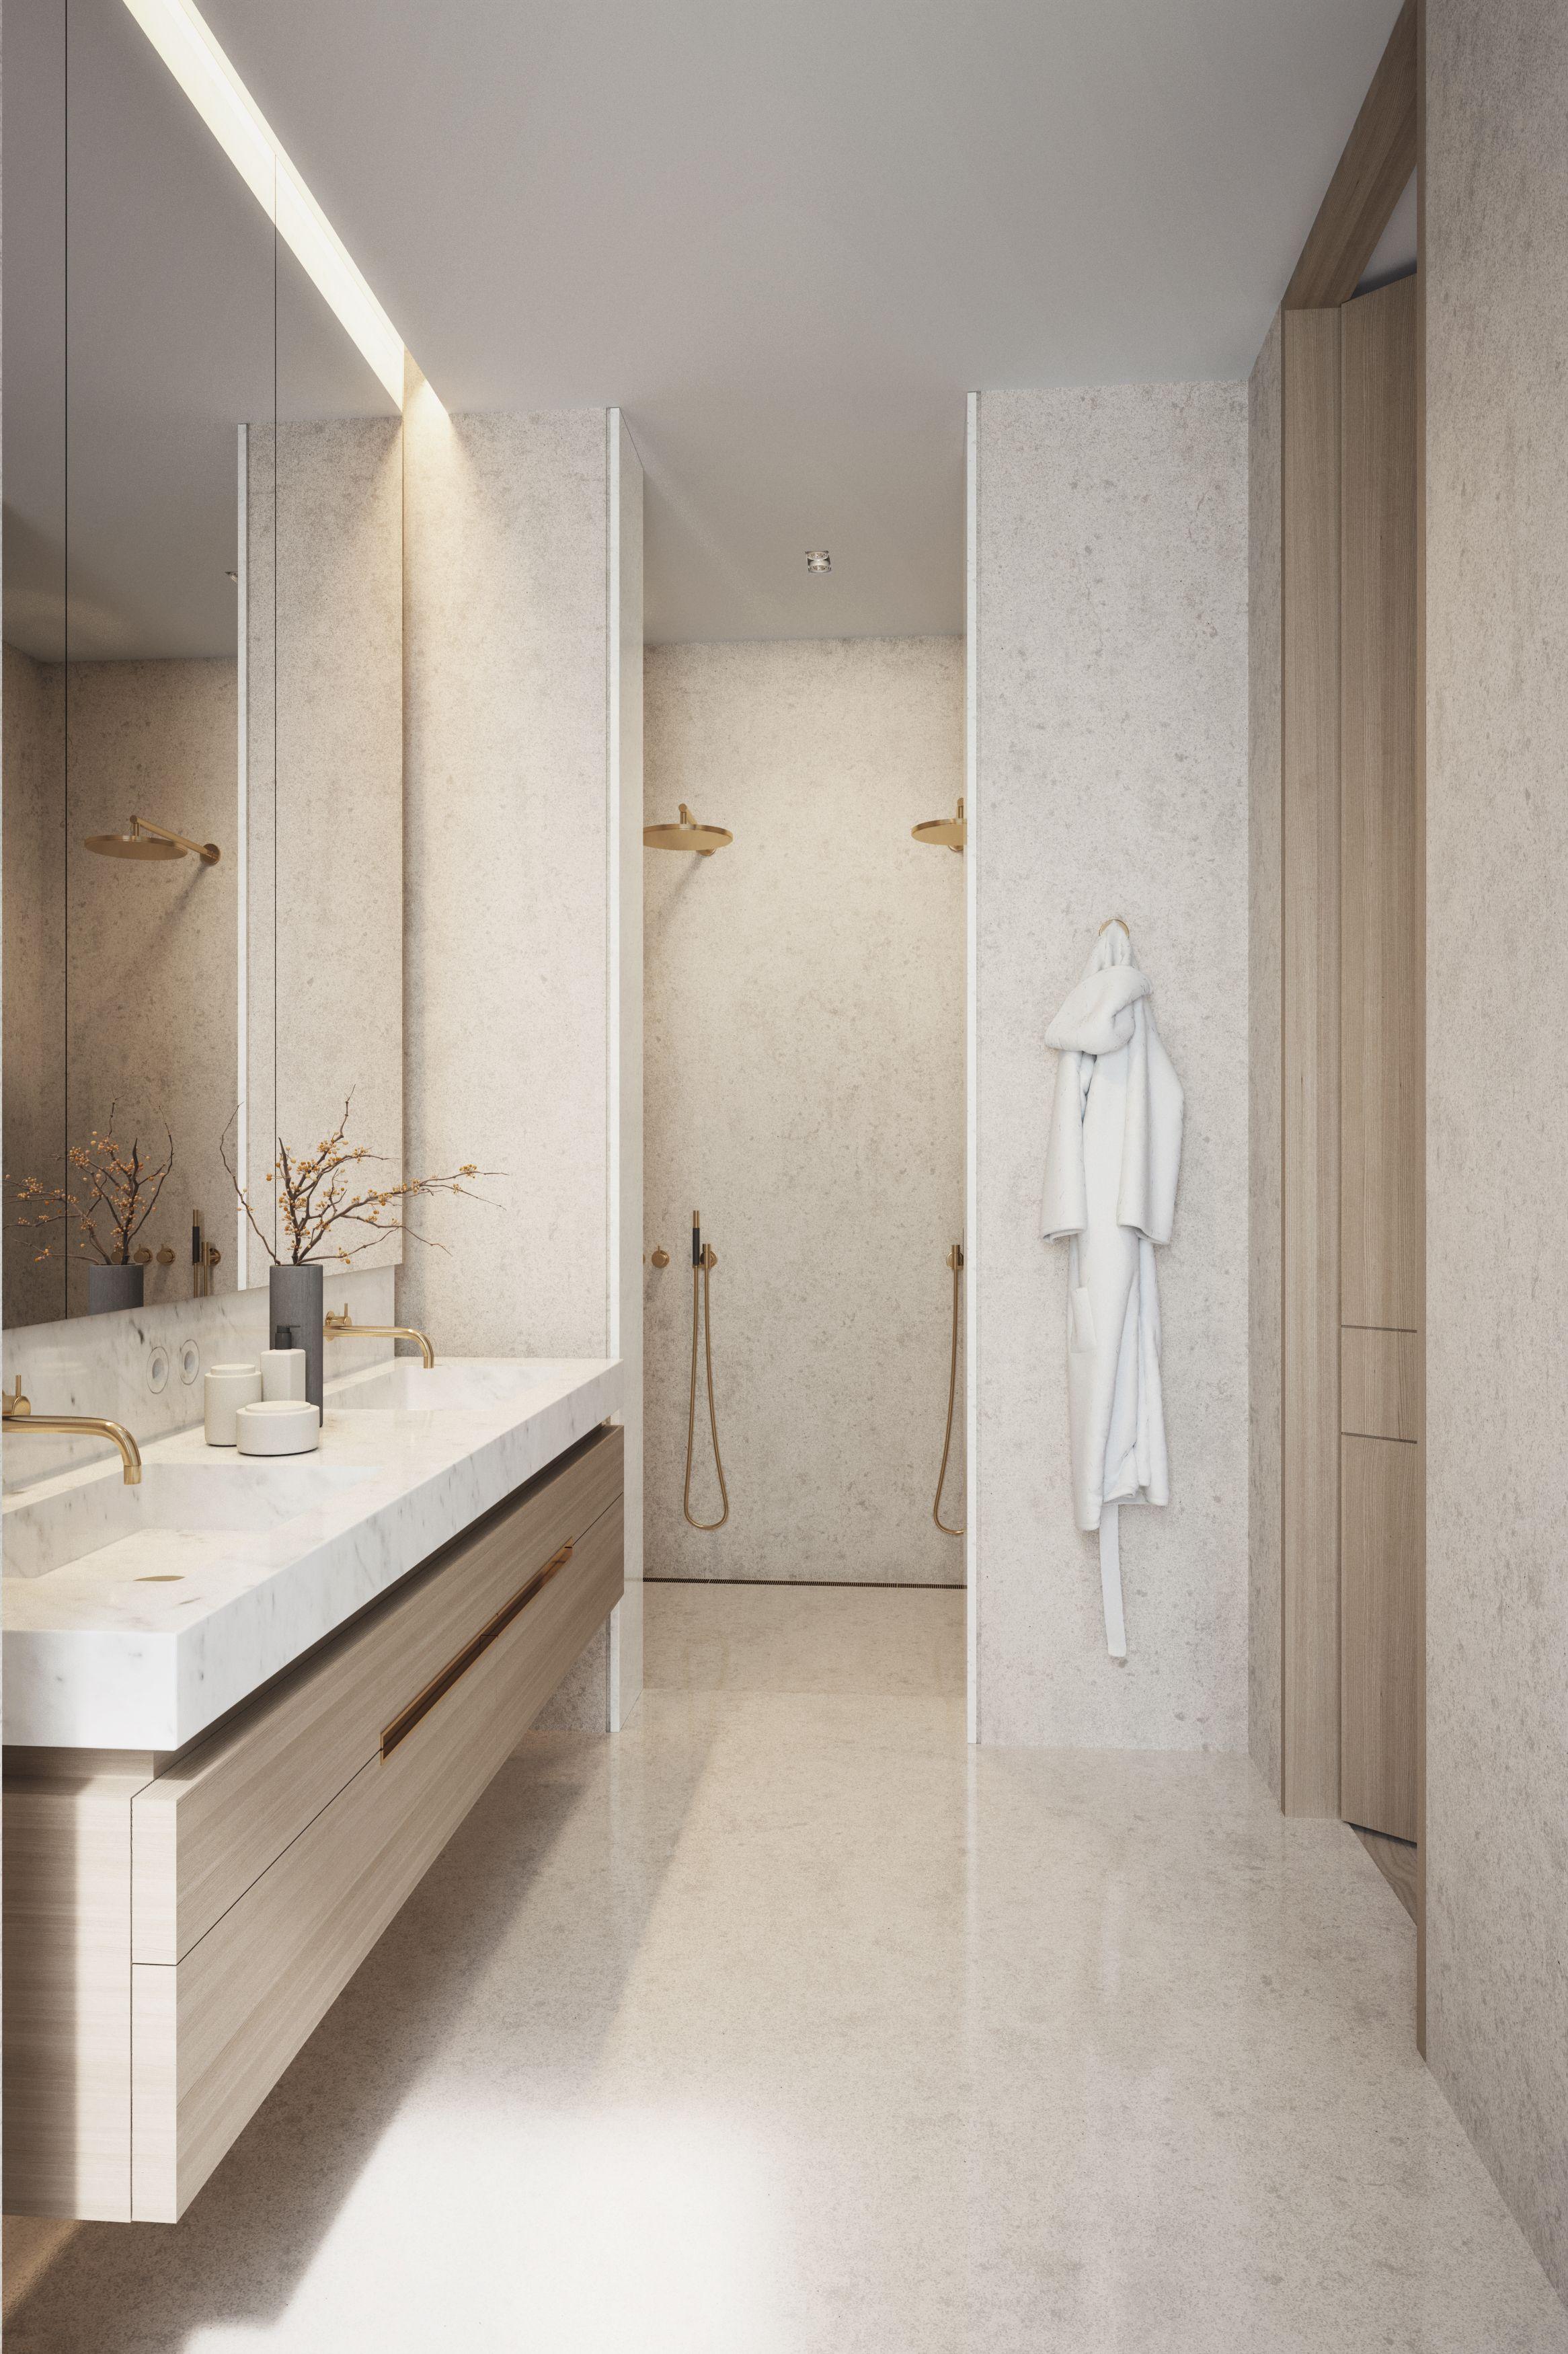 Pin Kata Falat Interior In 2019 Bathroom